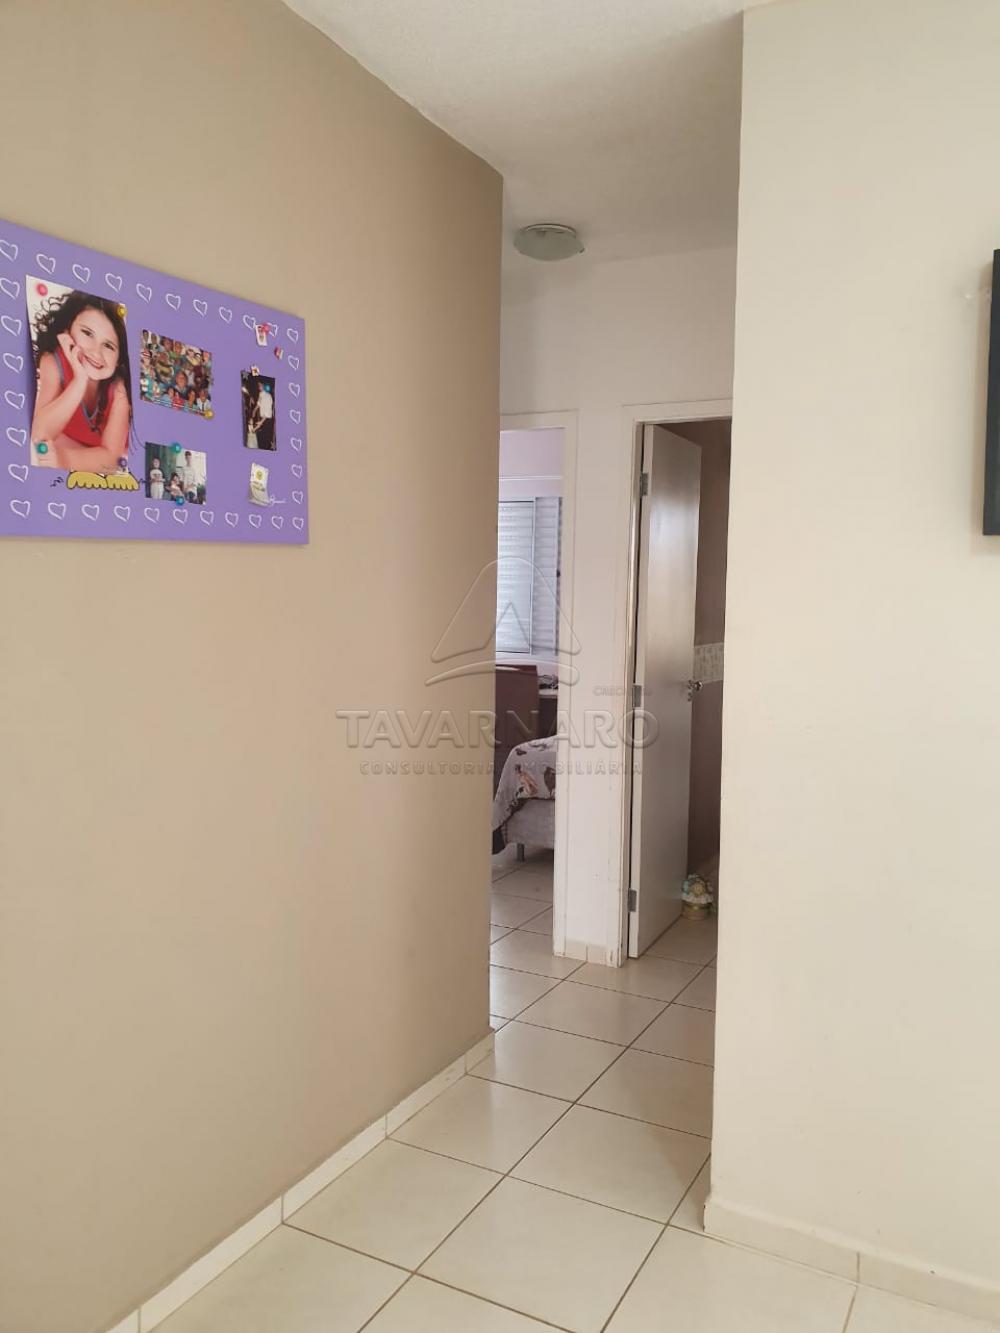 Comprar Casa / Condomínio em Ponta Grossa R$ 230.000,00 - Foto 7